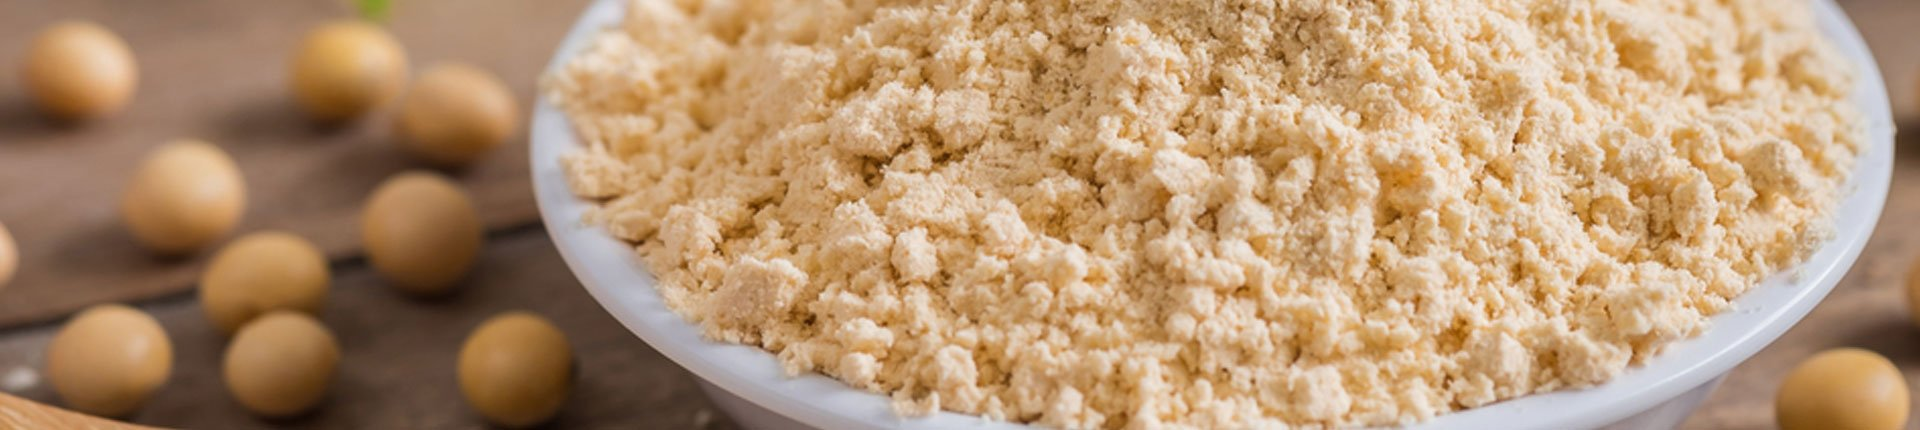 Czy warto stosować białko sojowe? Soja a stężenie testosteronu